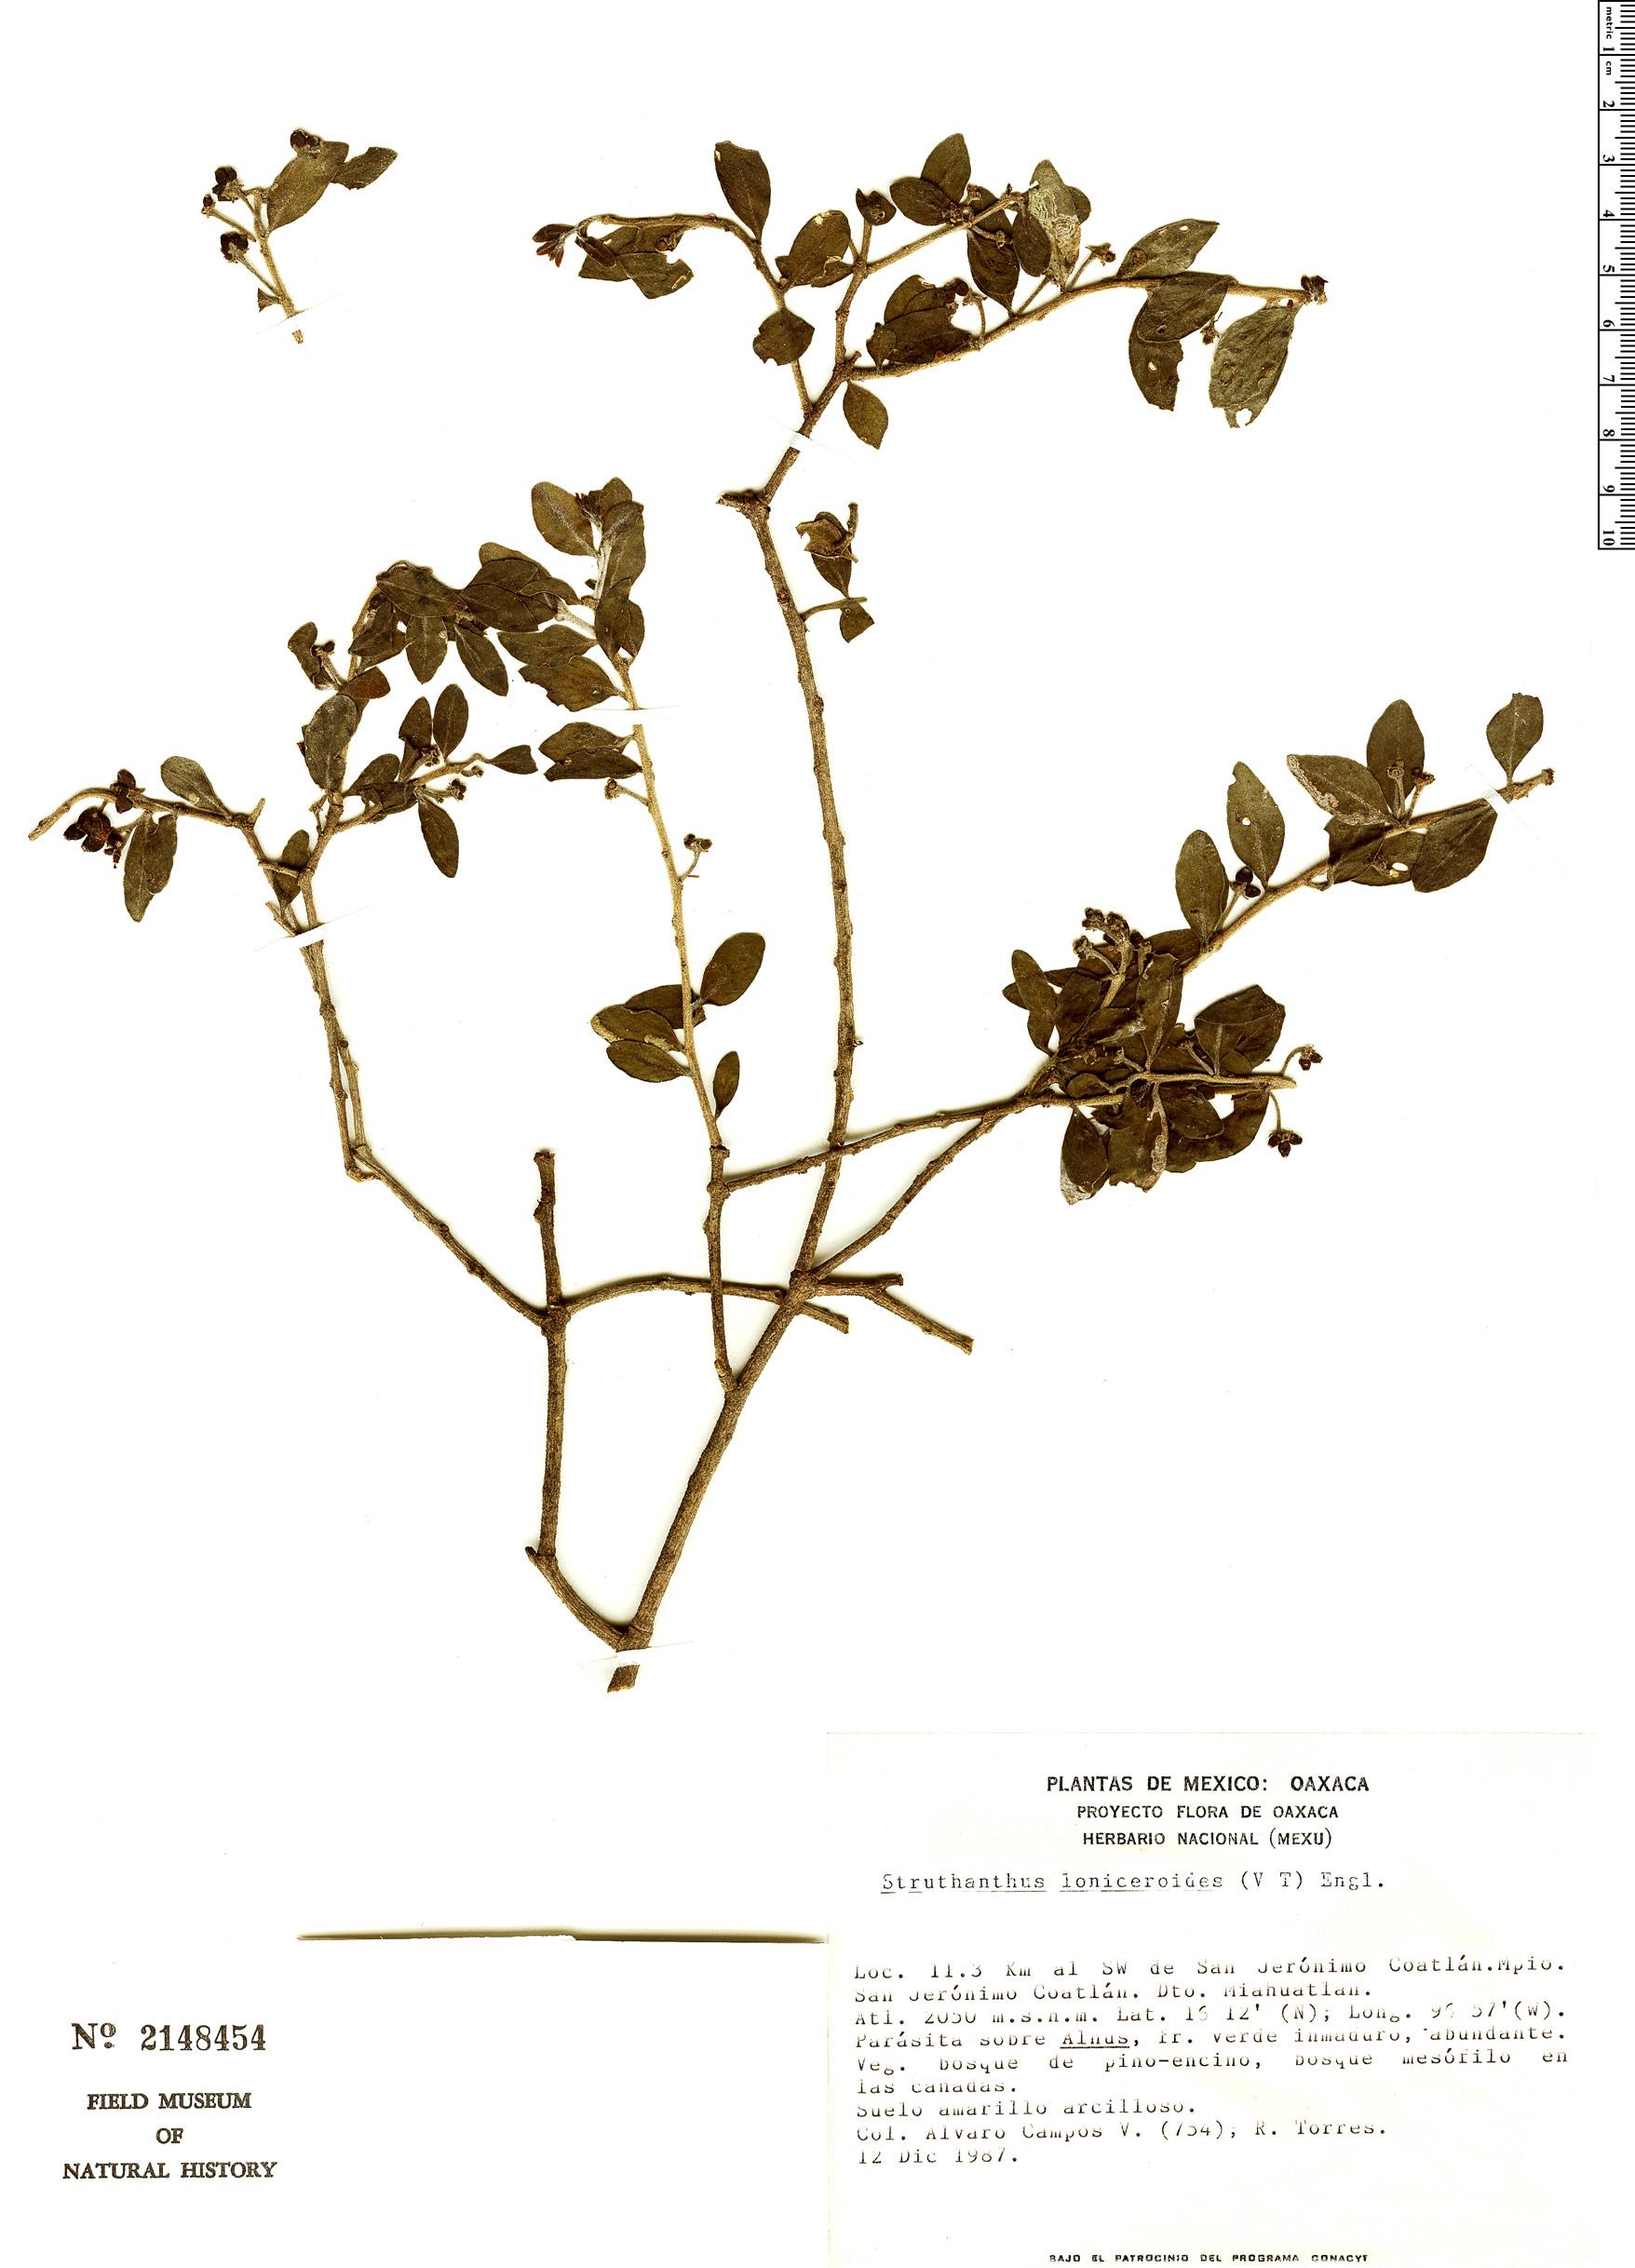 Espécimen: Struthanthus loniceroides